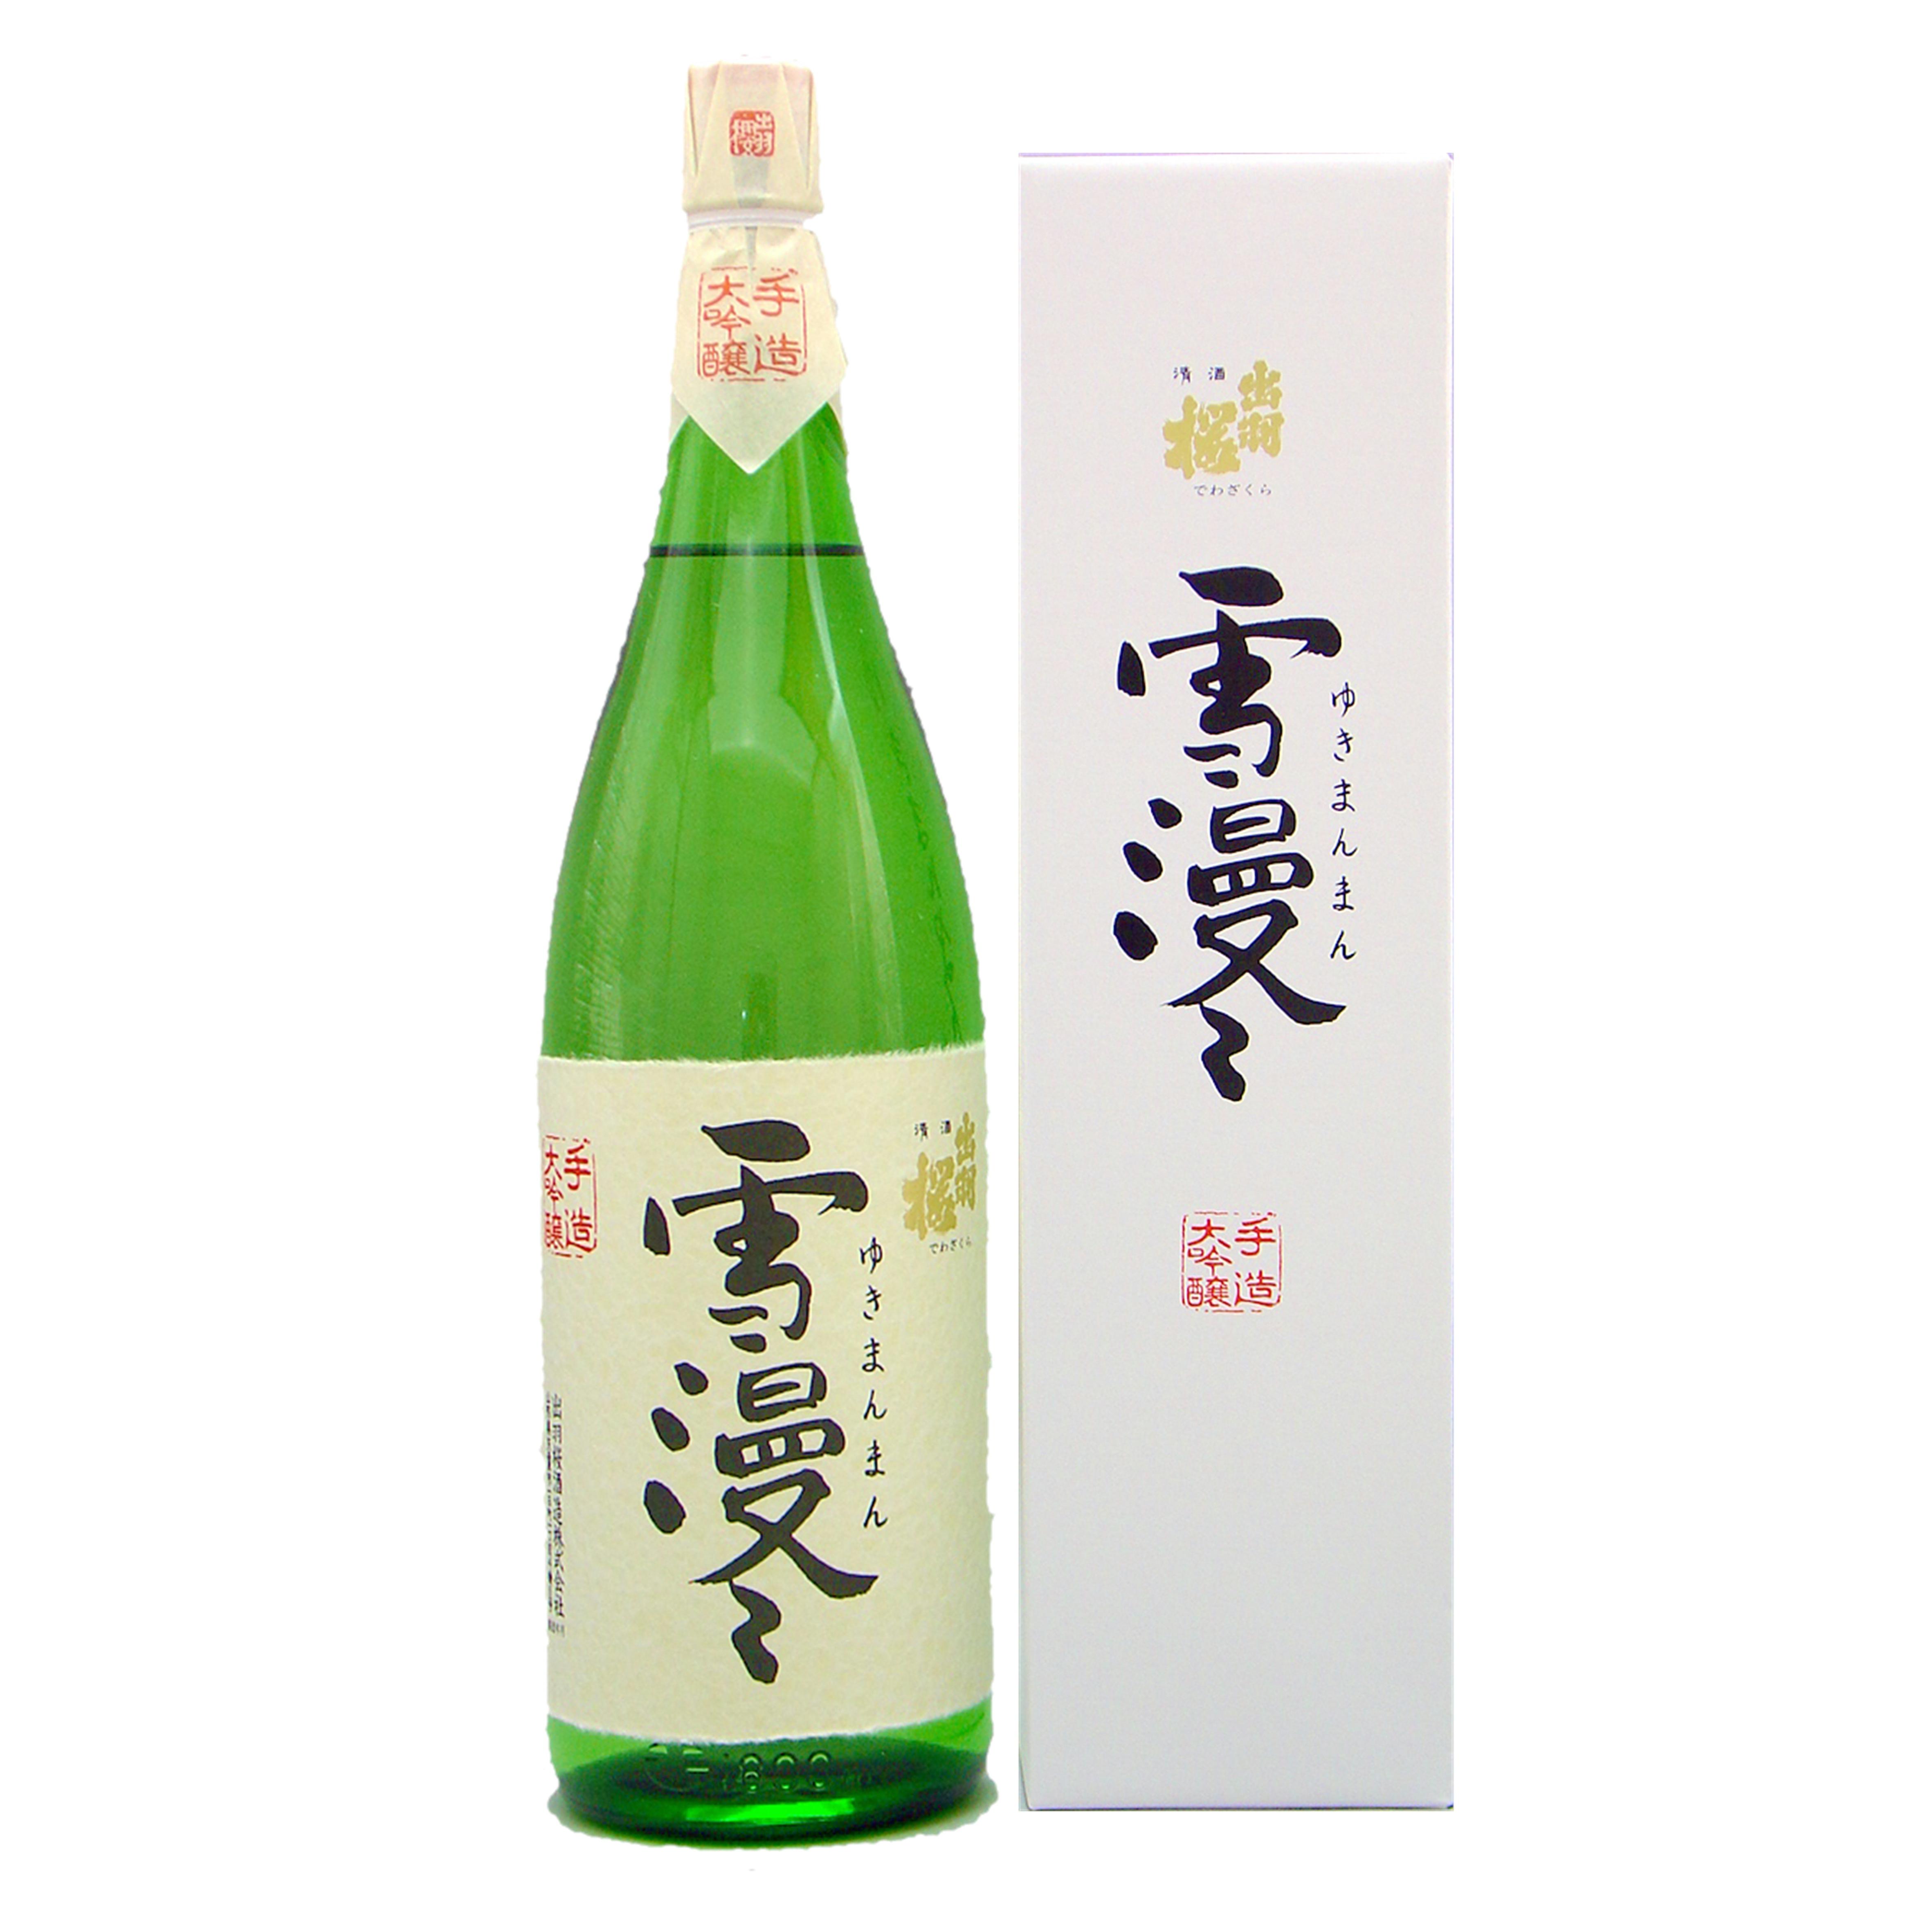 出羽桜 雪漫々 手造り大吟醸 1800ml 【専用化粧箱入】